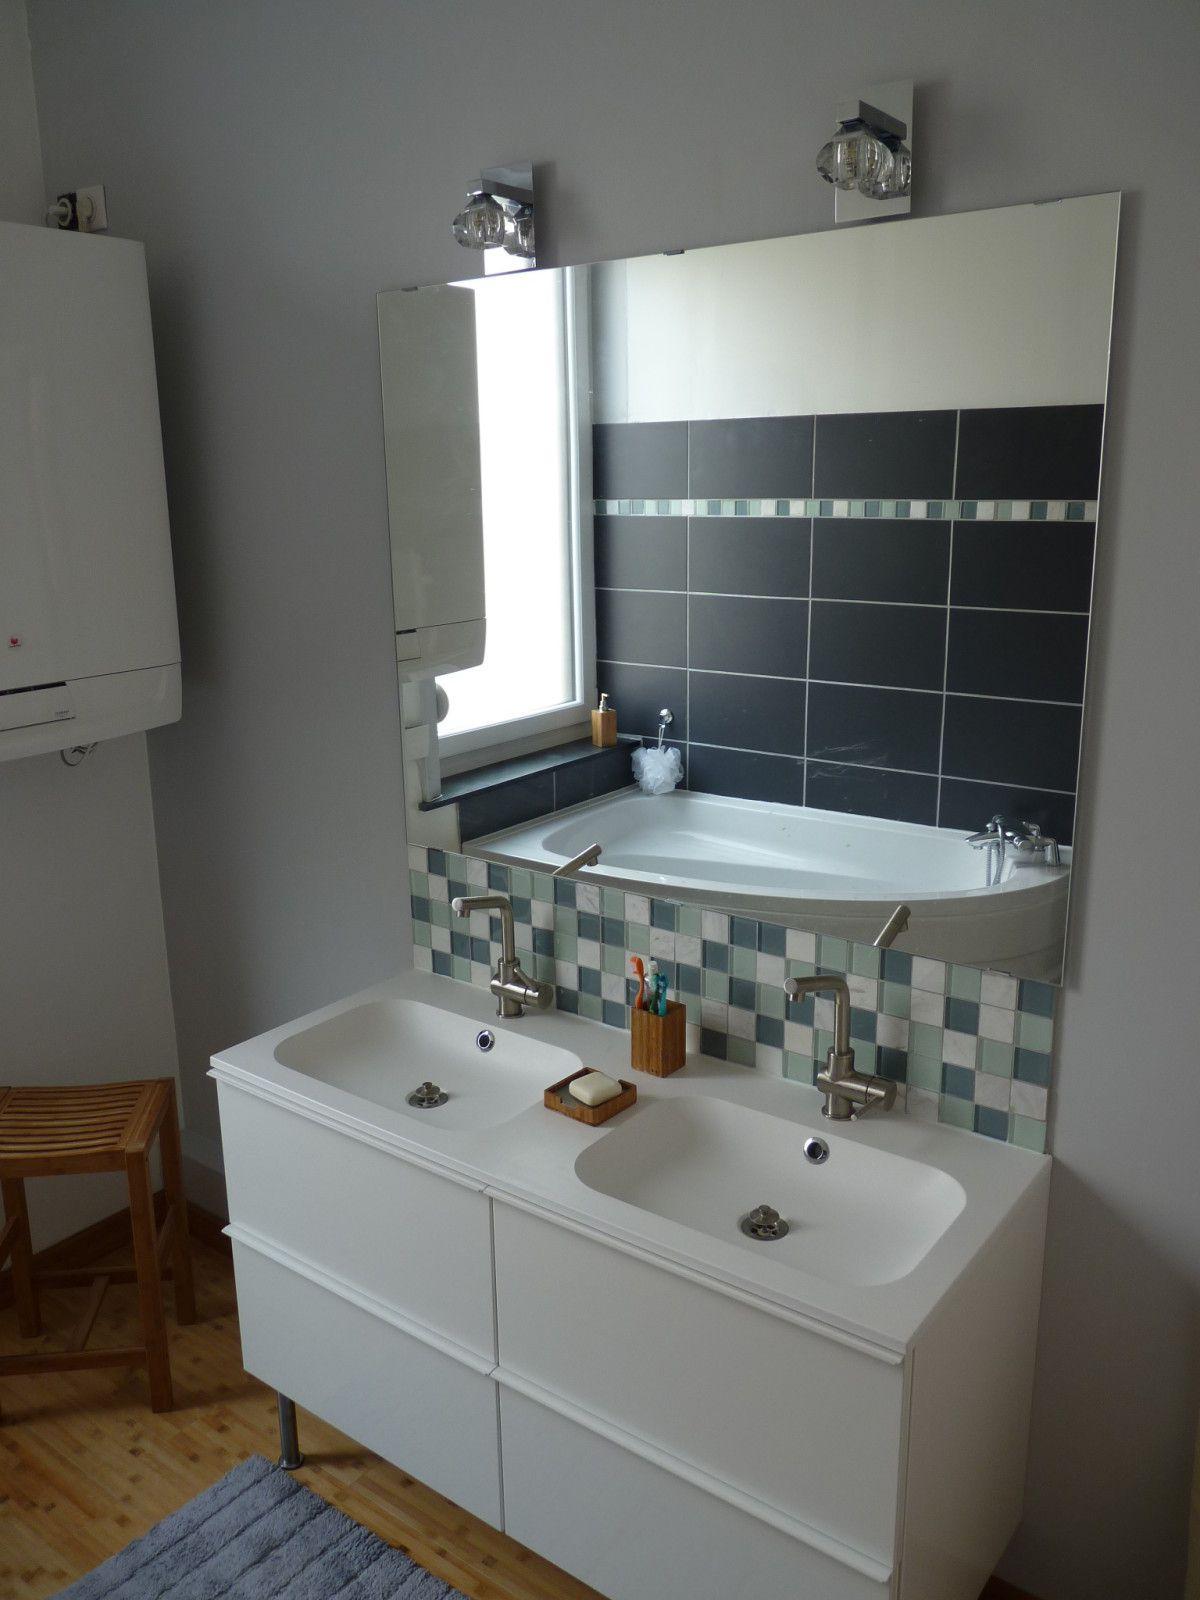 Bhv miroir salle de bain cheap meuble de salle de bain for Accessoires salle de bain paris 14